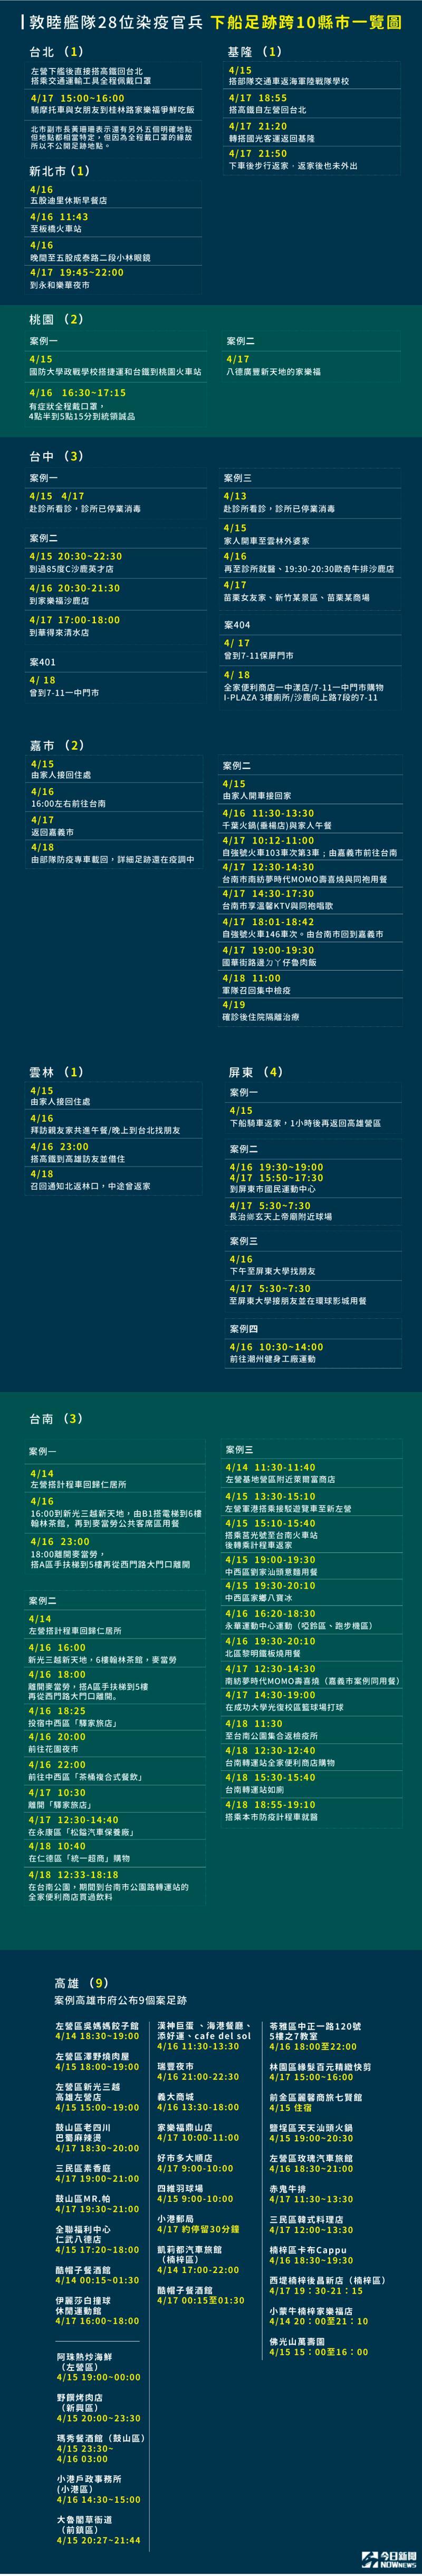 ▲敦睦艦隊最新全台足跡表曝光(圖/NOWnews製表)